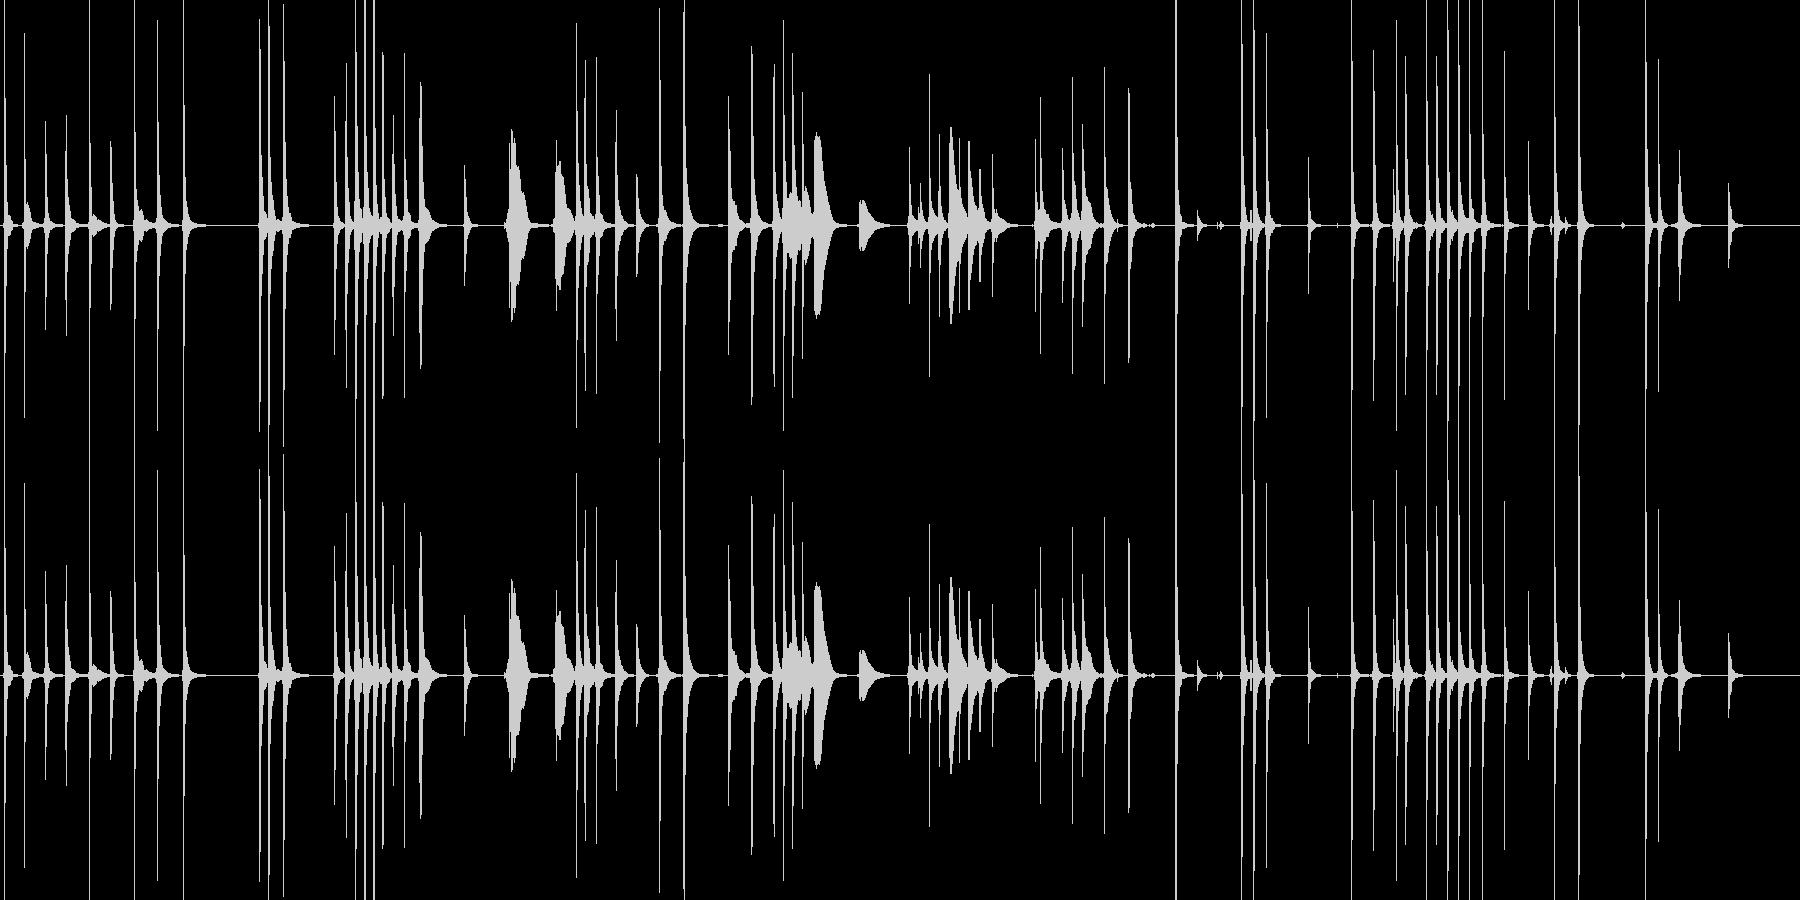 三味線133鷺娘31死ぬ合方長い方妖怪鷺の未再生の波形